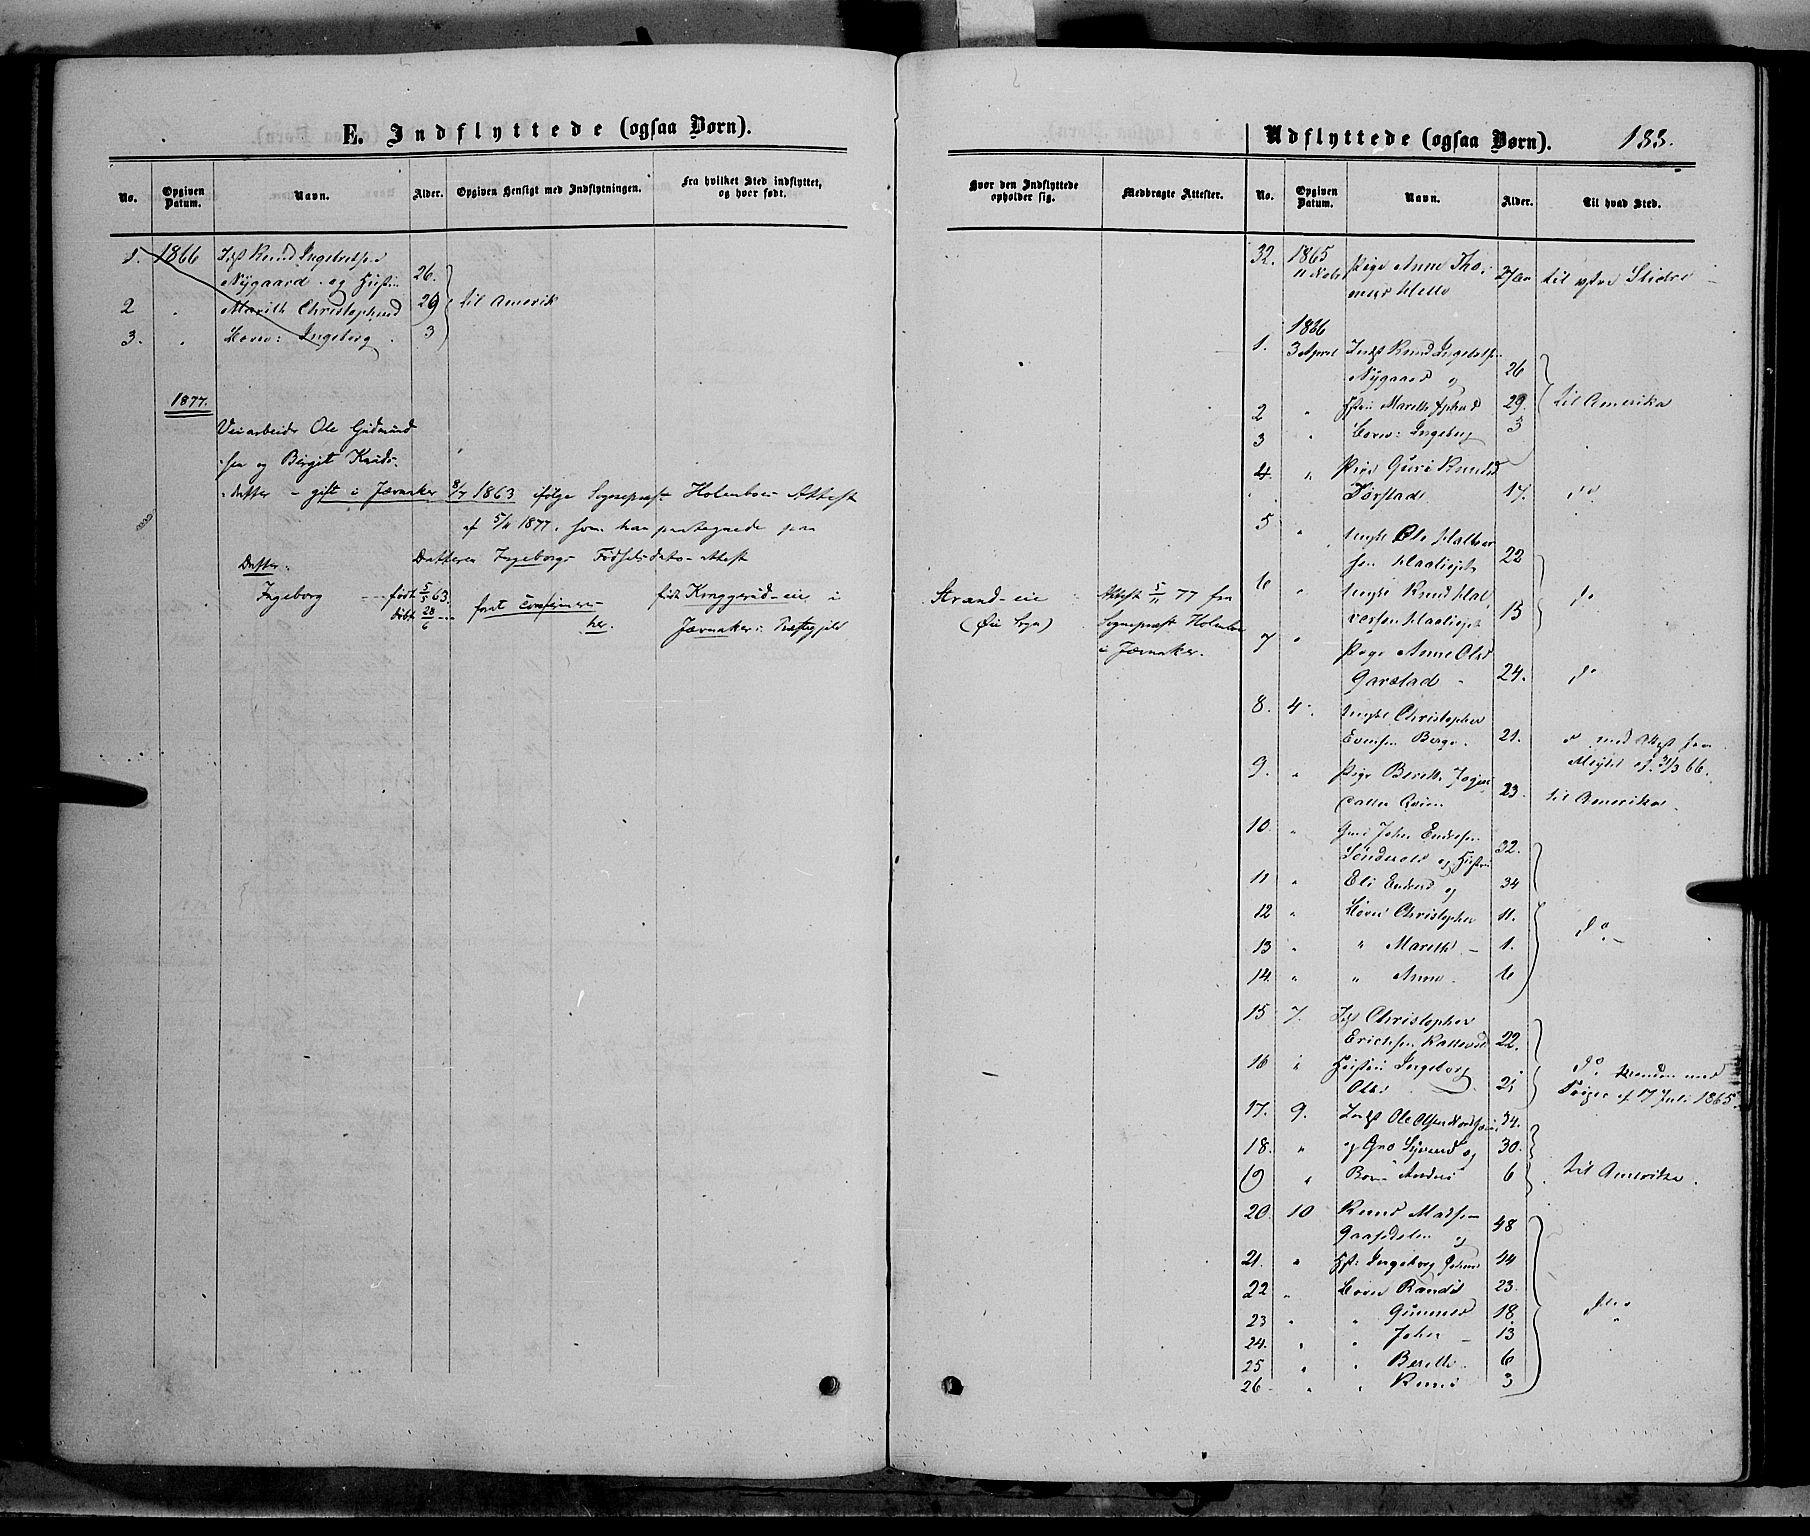 SAH, Vang prestekontor, Valdres, Ministerialbok nr. 7, 1865-1881, s. 188